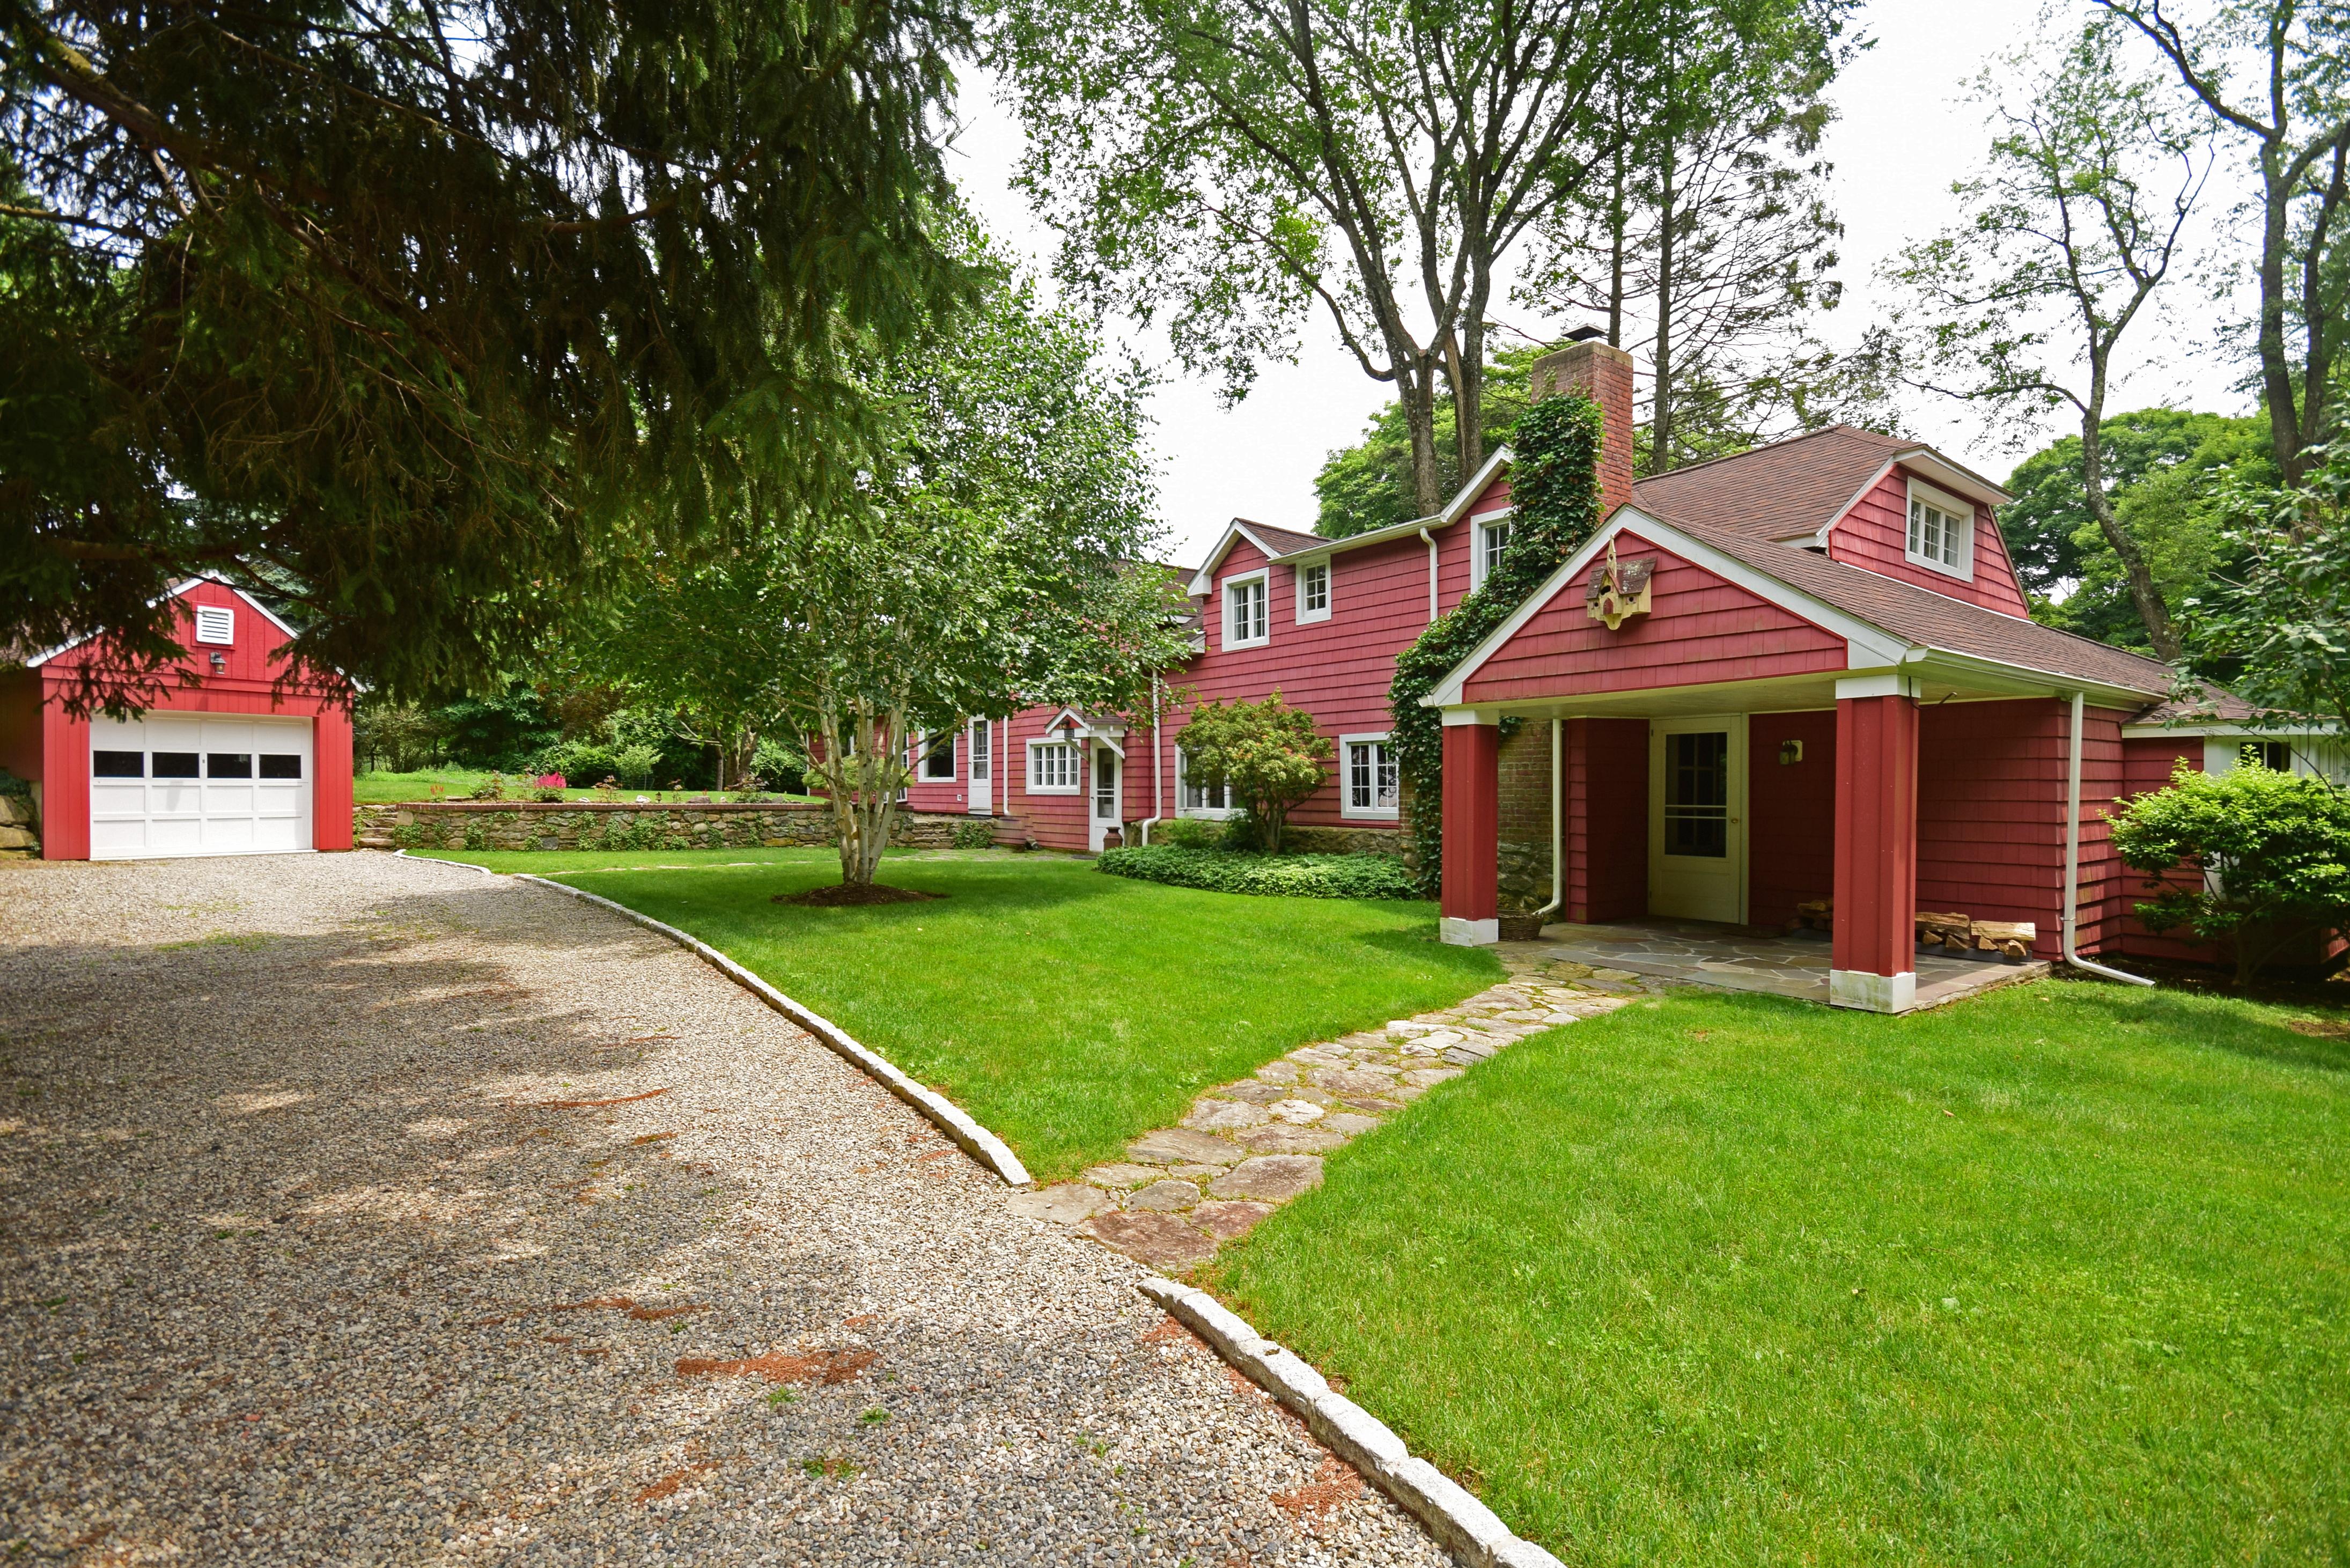 一戸建て のために 売買 アット Charming Silvermine Antique Colonial 148 North Seir Hill Road Norwalk, コネチカット 06850 アメリカ合衆国